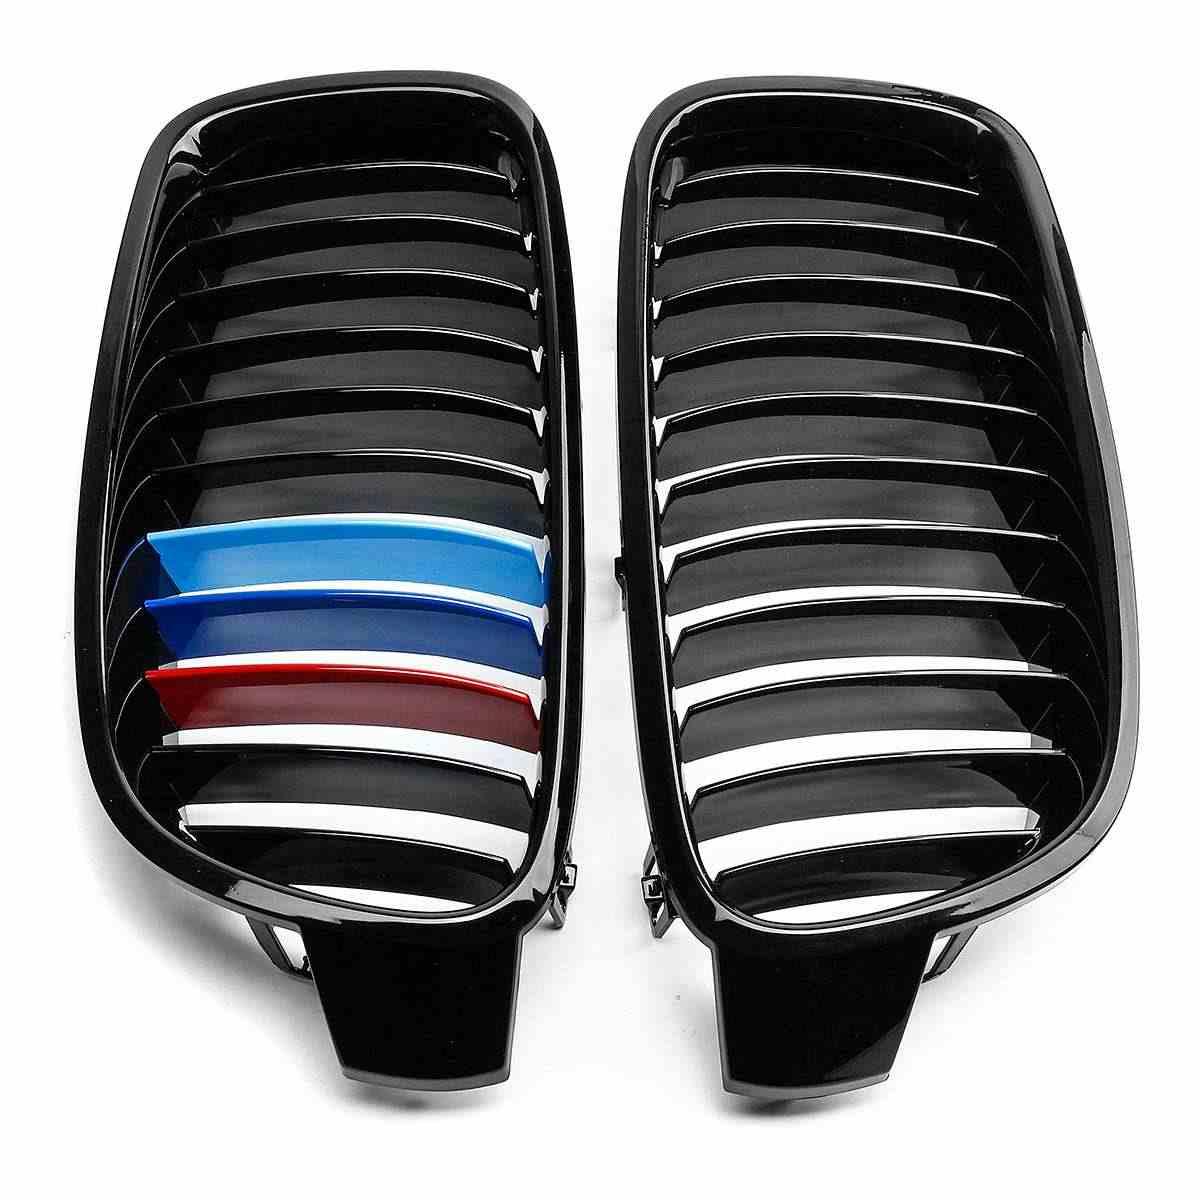 2 sztuk czarny błyszczący 3 kolor M kolor przedni zderzak nerek maskownica do bmw F30 F31 F35 320i 325i 328i 330i 335i 2012-2016 Racing grille